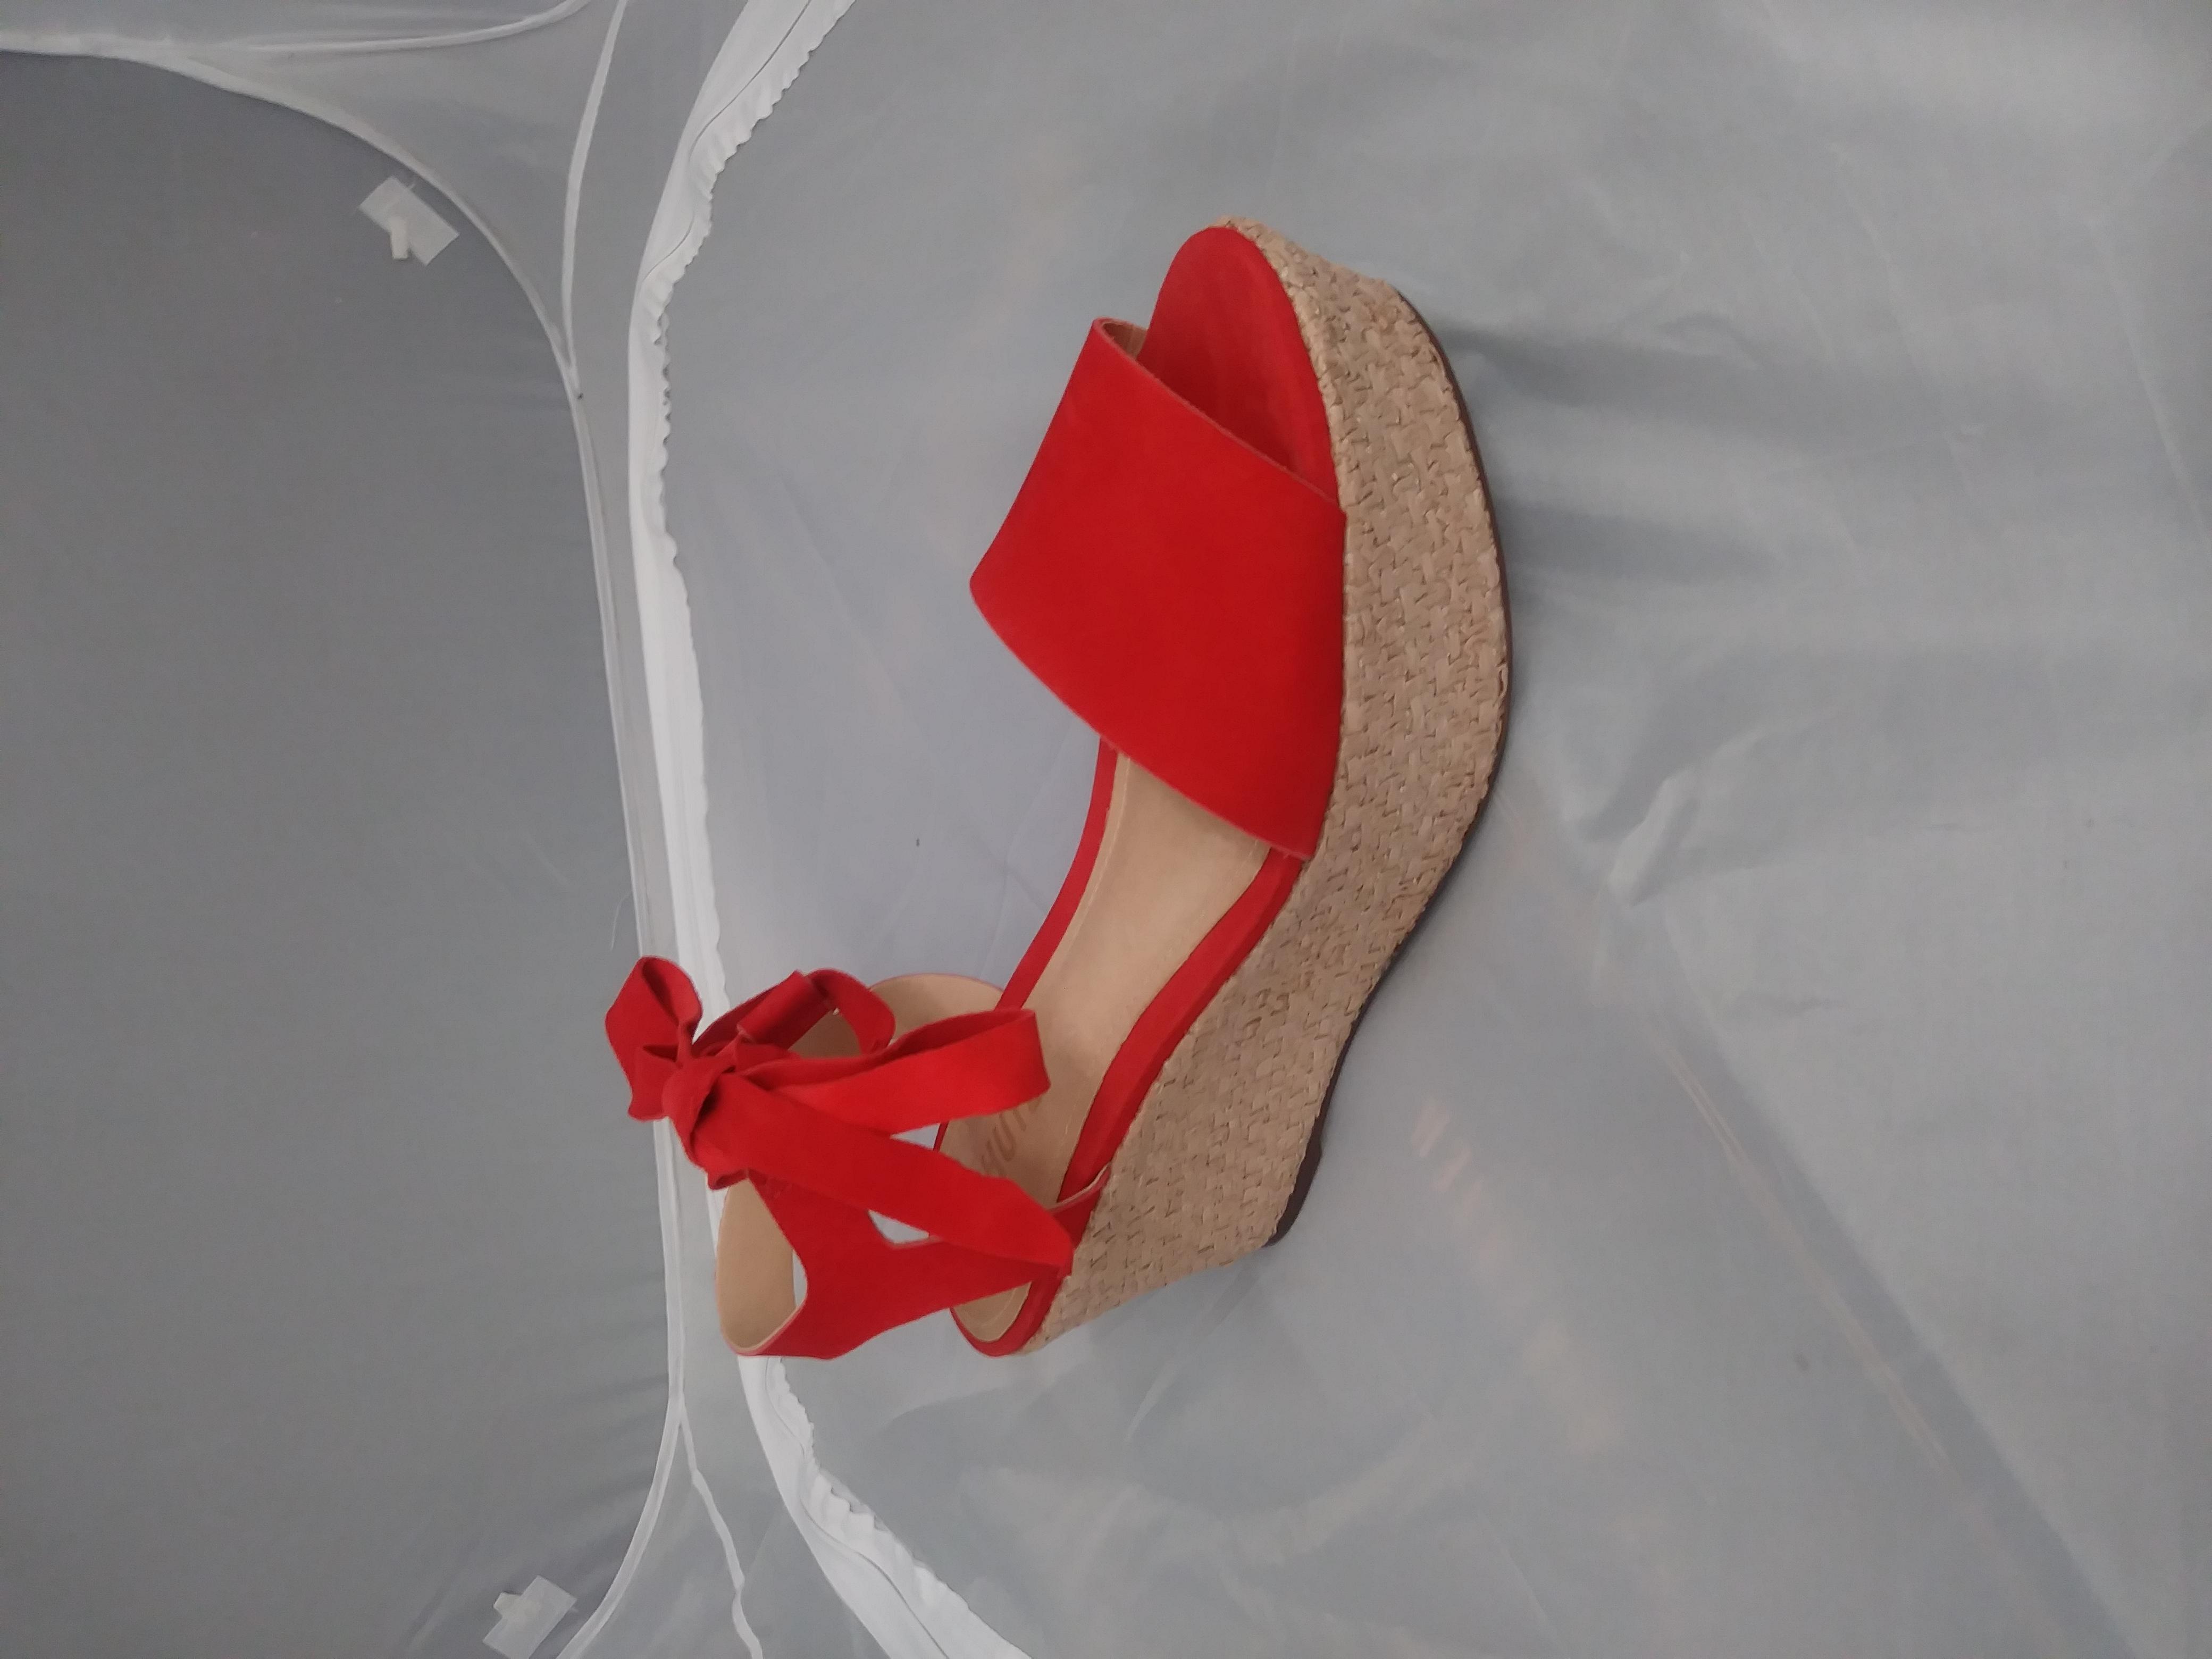 Schutz Zahara Orange Woven Wedge Platform Ankle Tie Up Flatform Summer Sandales